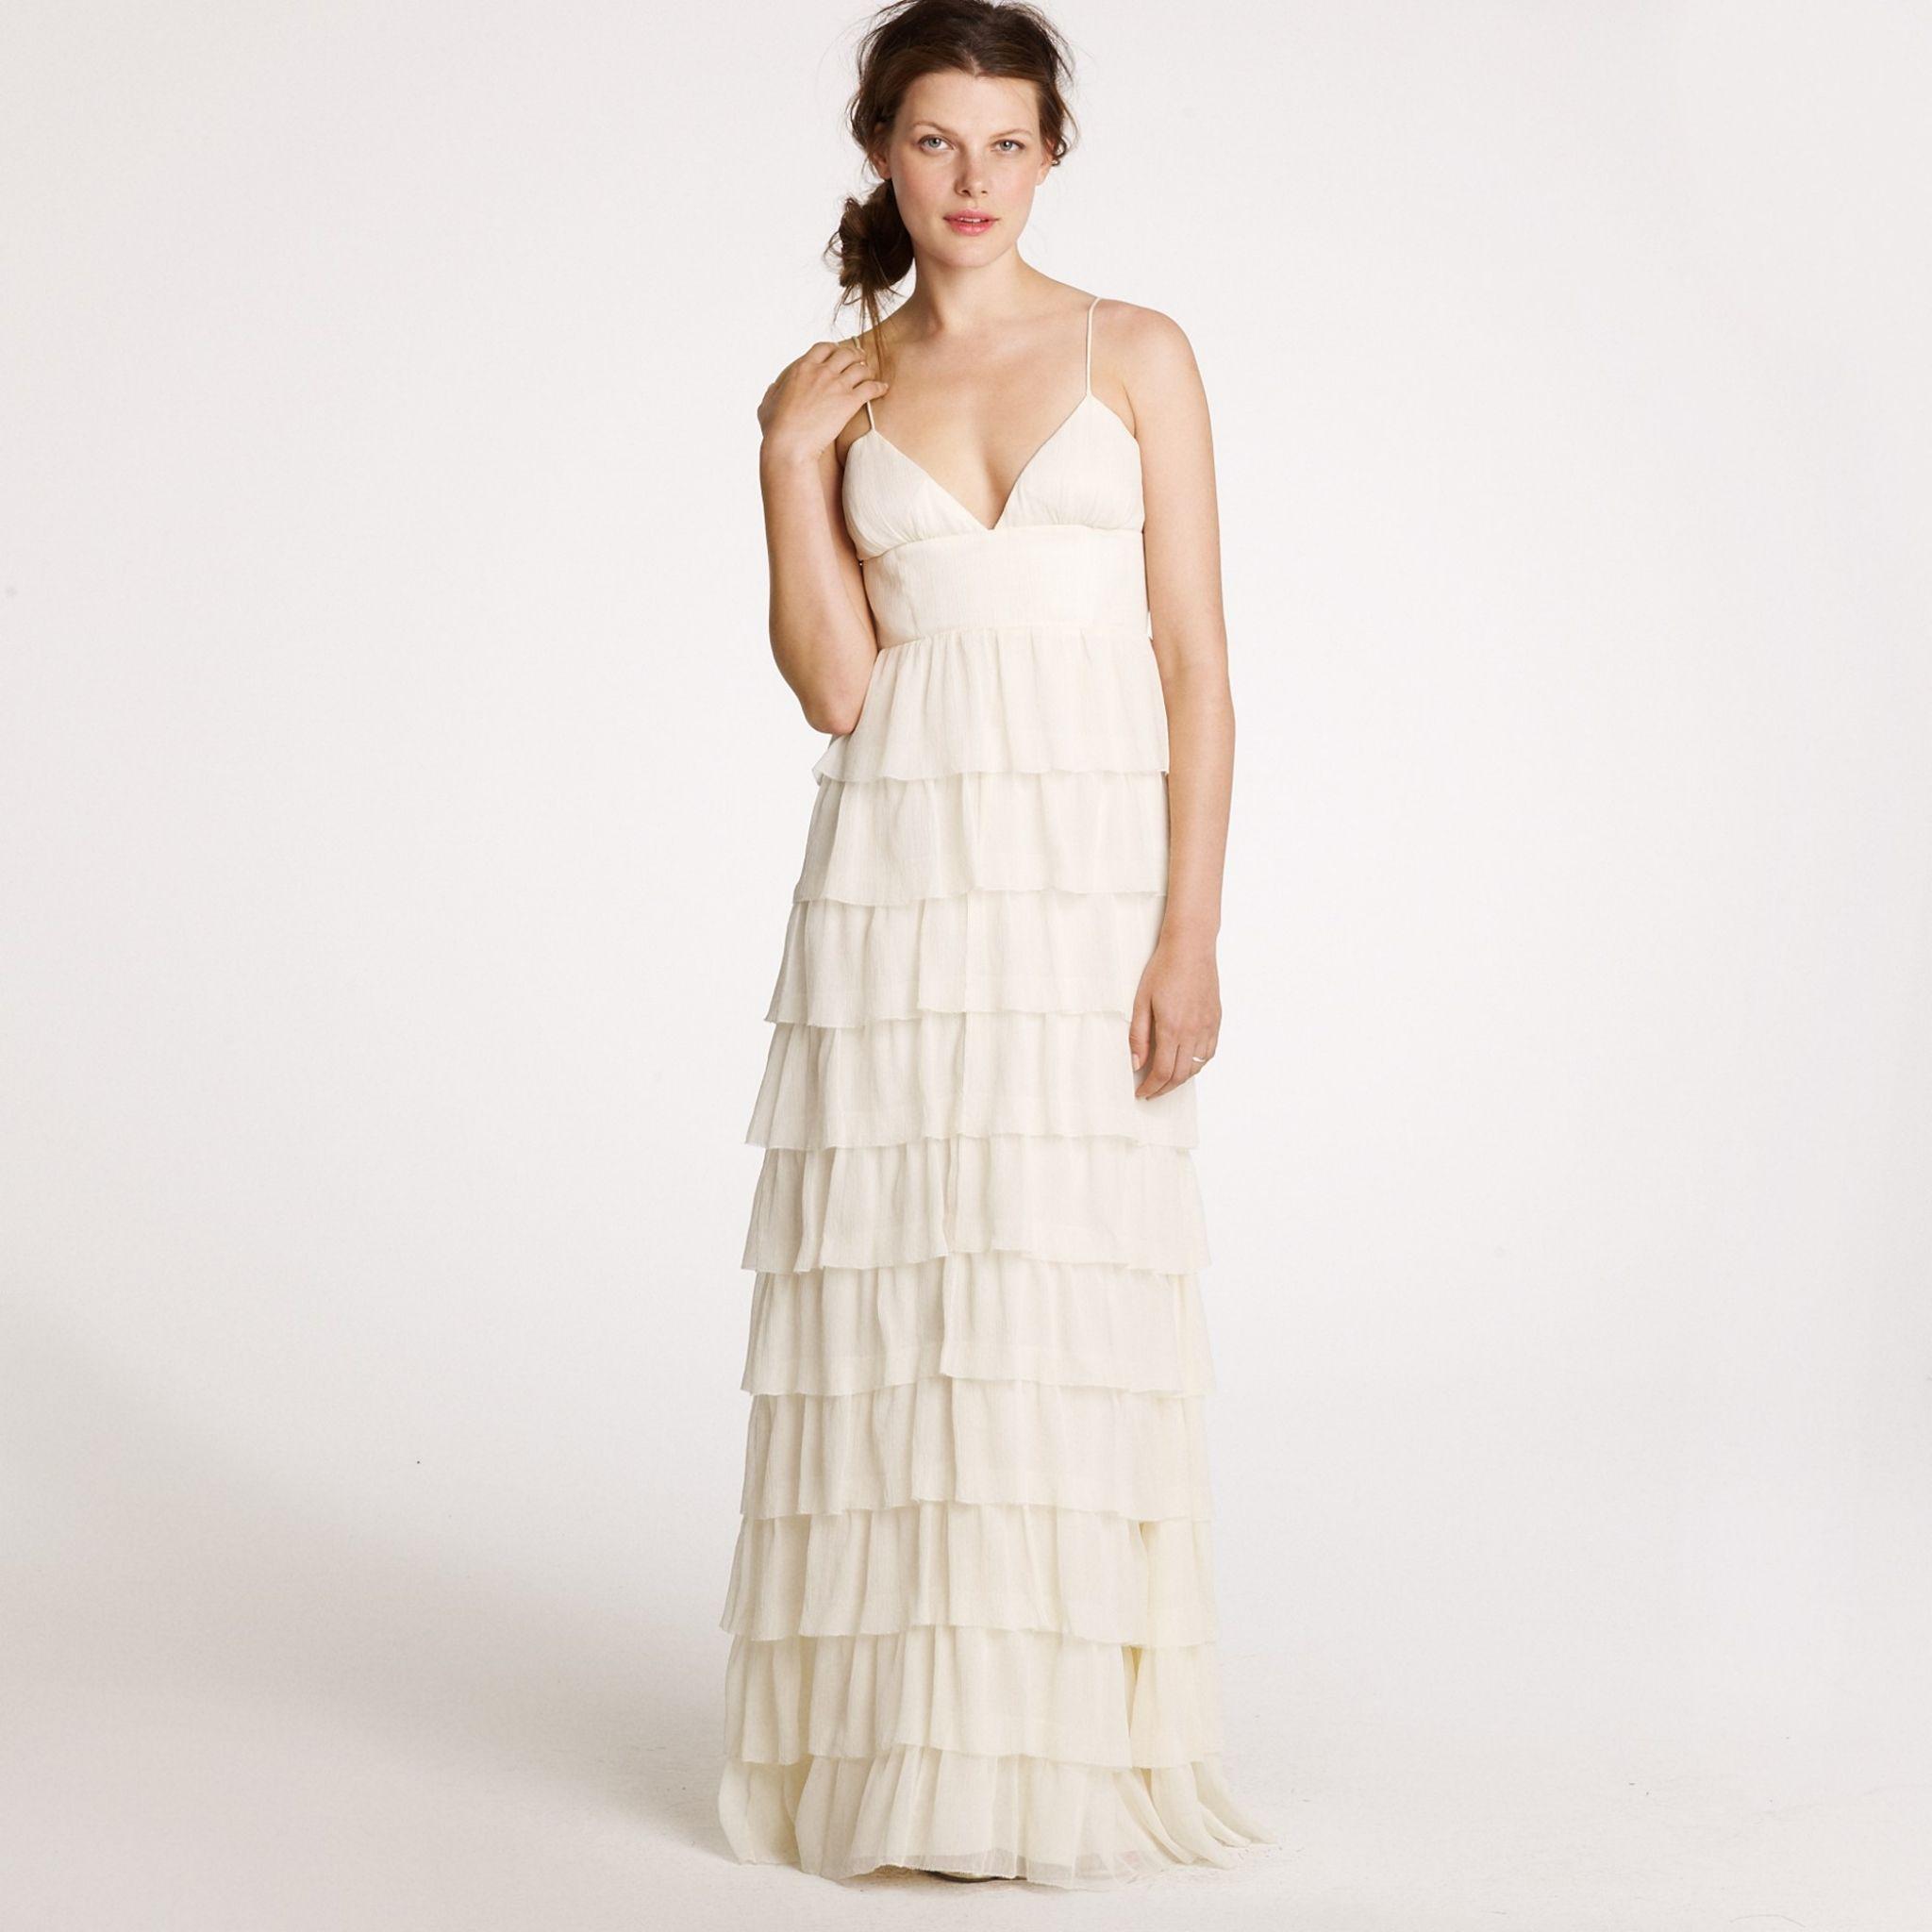 Pin von Annora auf Popular Wedding Dress | Pinterest